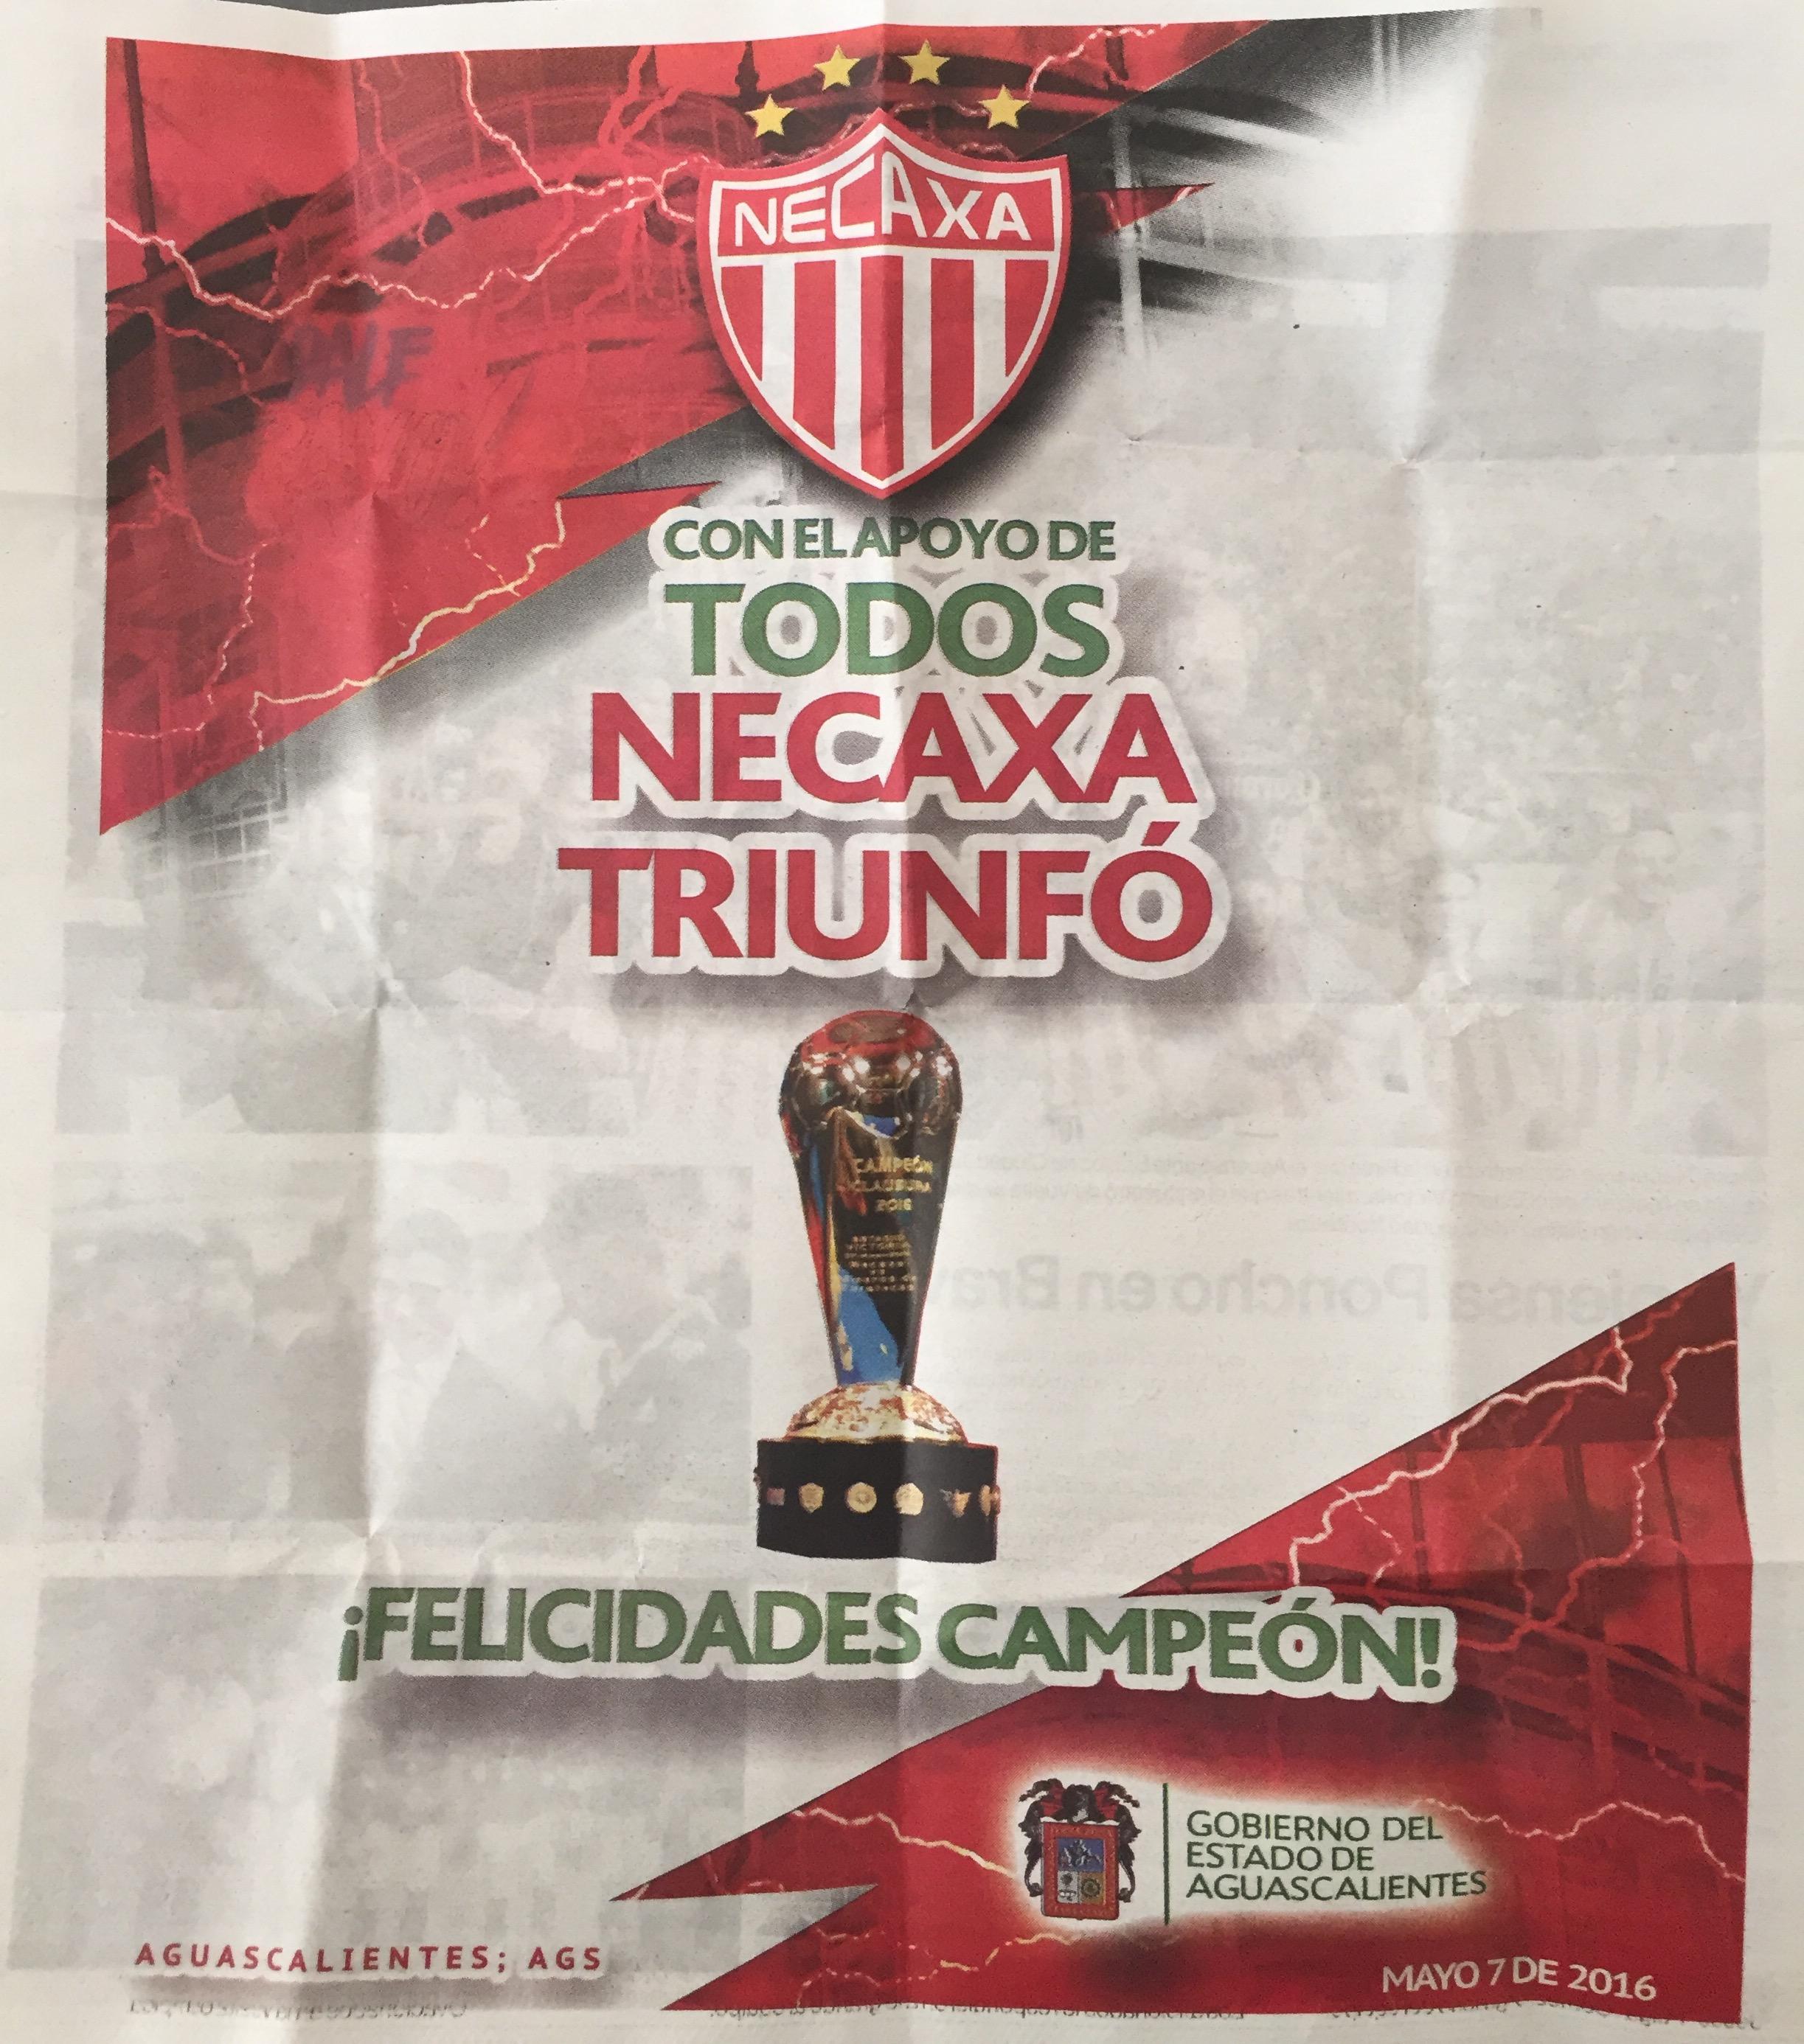 Gobierno de Aguascalientes otorga 1 campeonato más a Necaxa